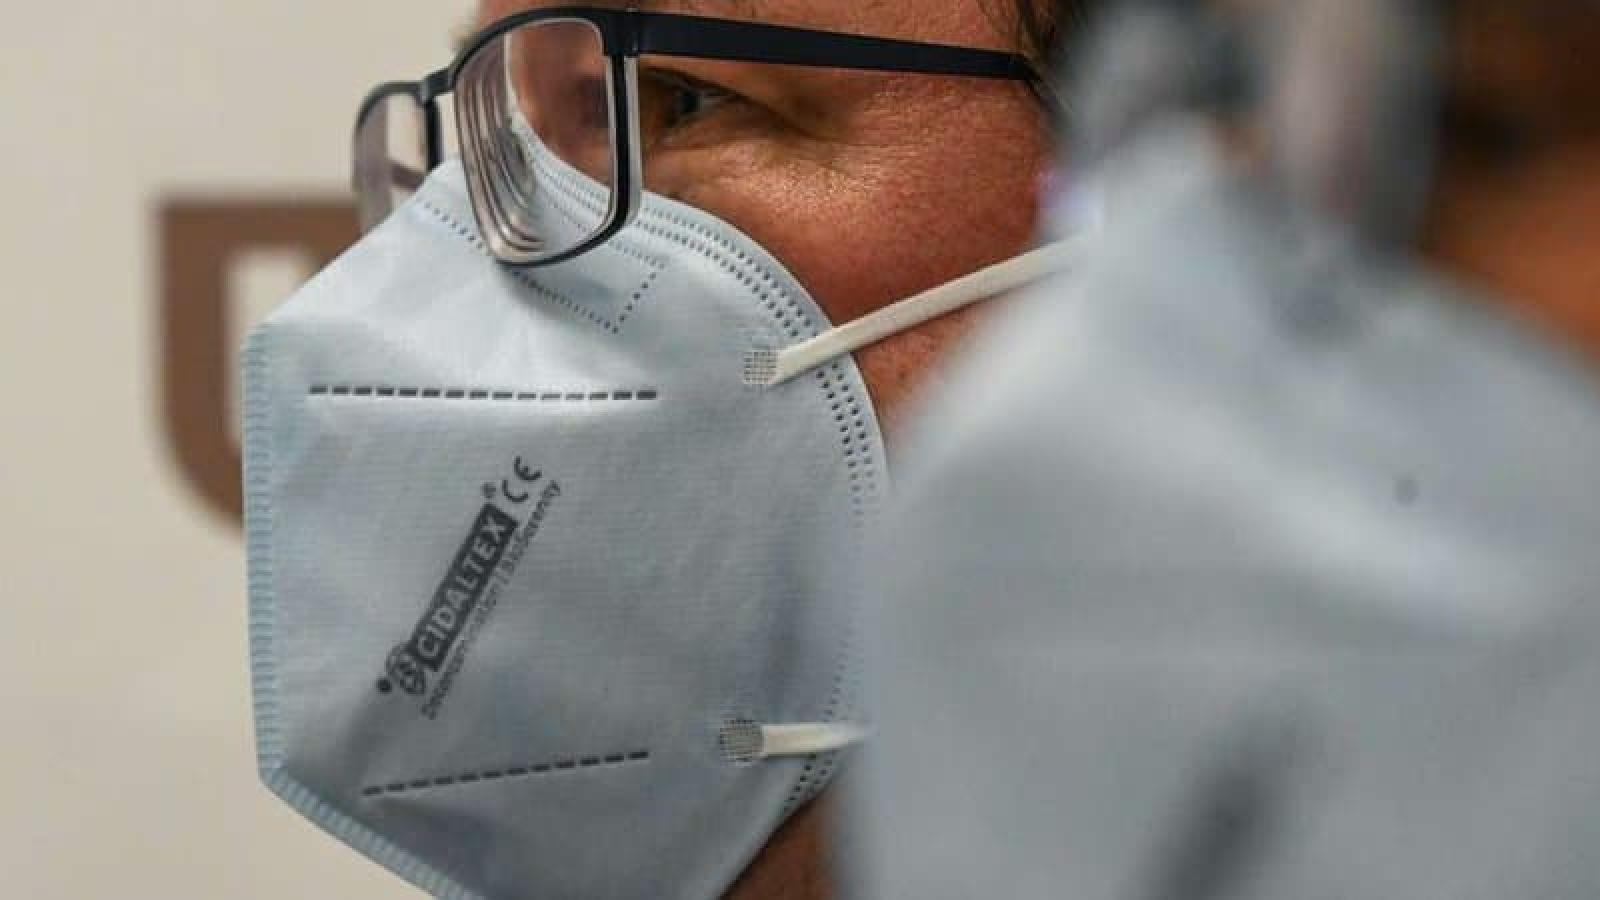 Pháp sản xuất khẩu trang tiêu diệt được các biến thể của virus SARS-CoV-2